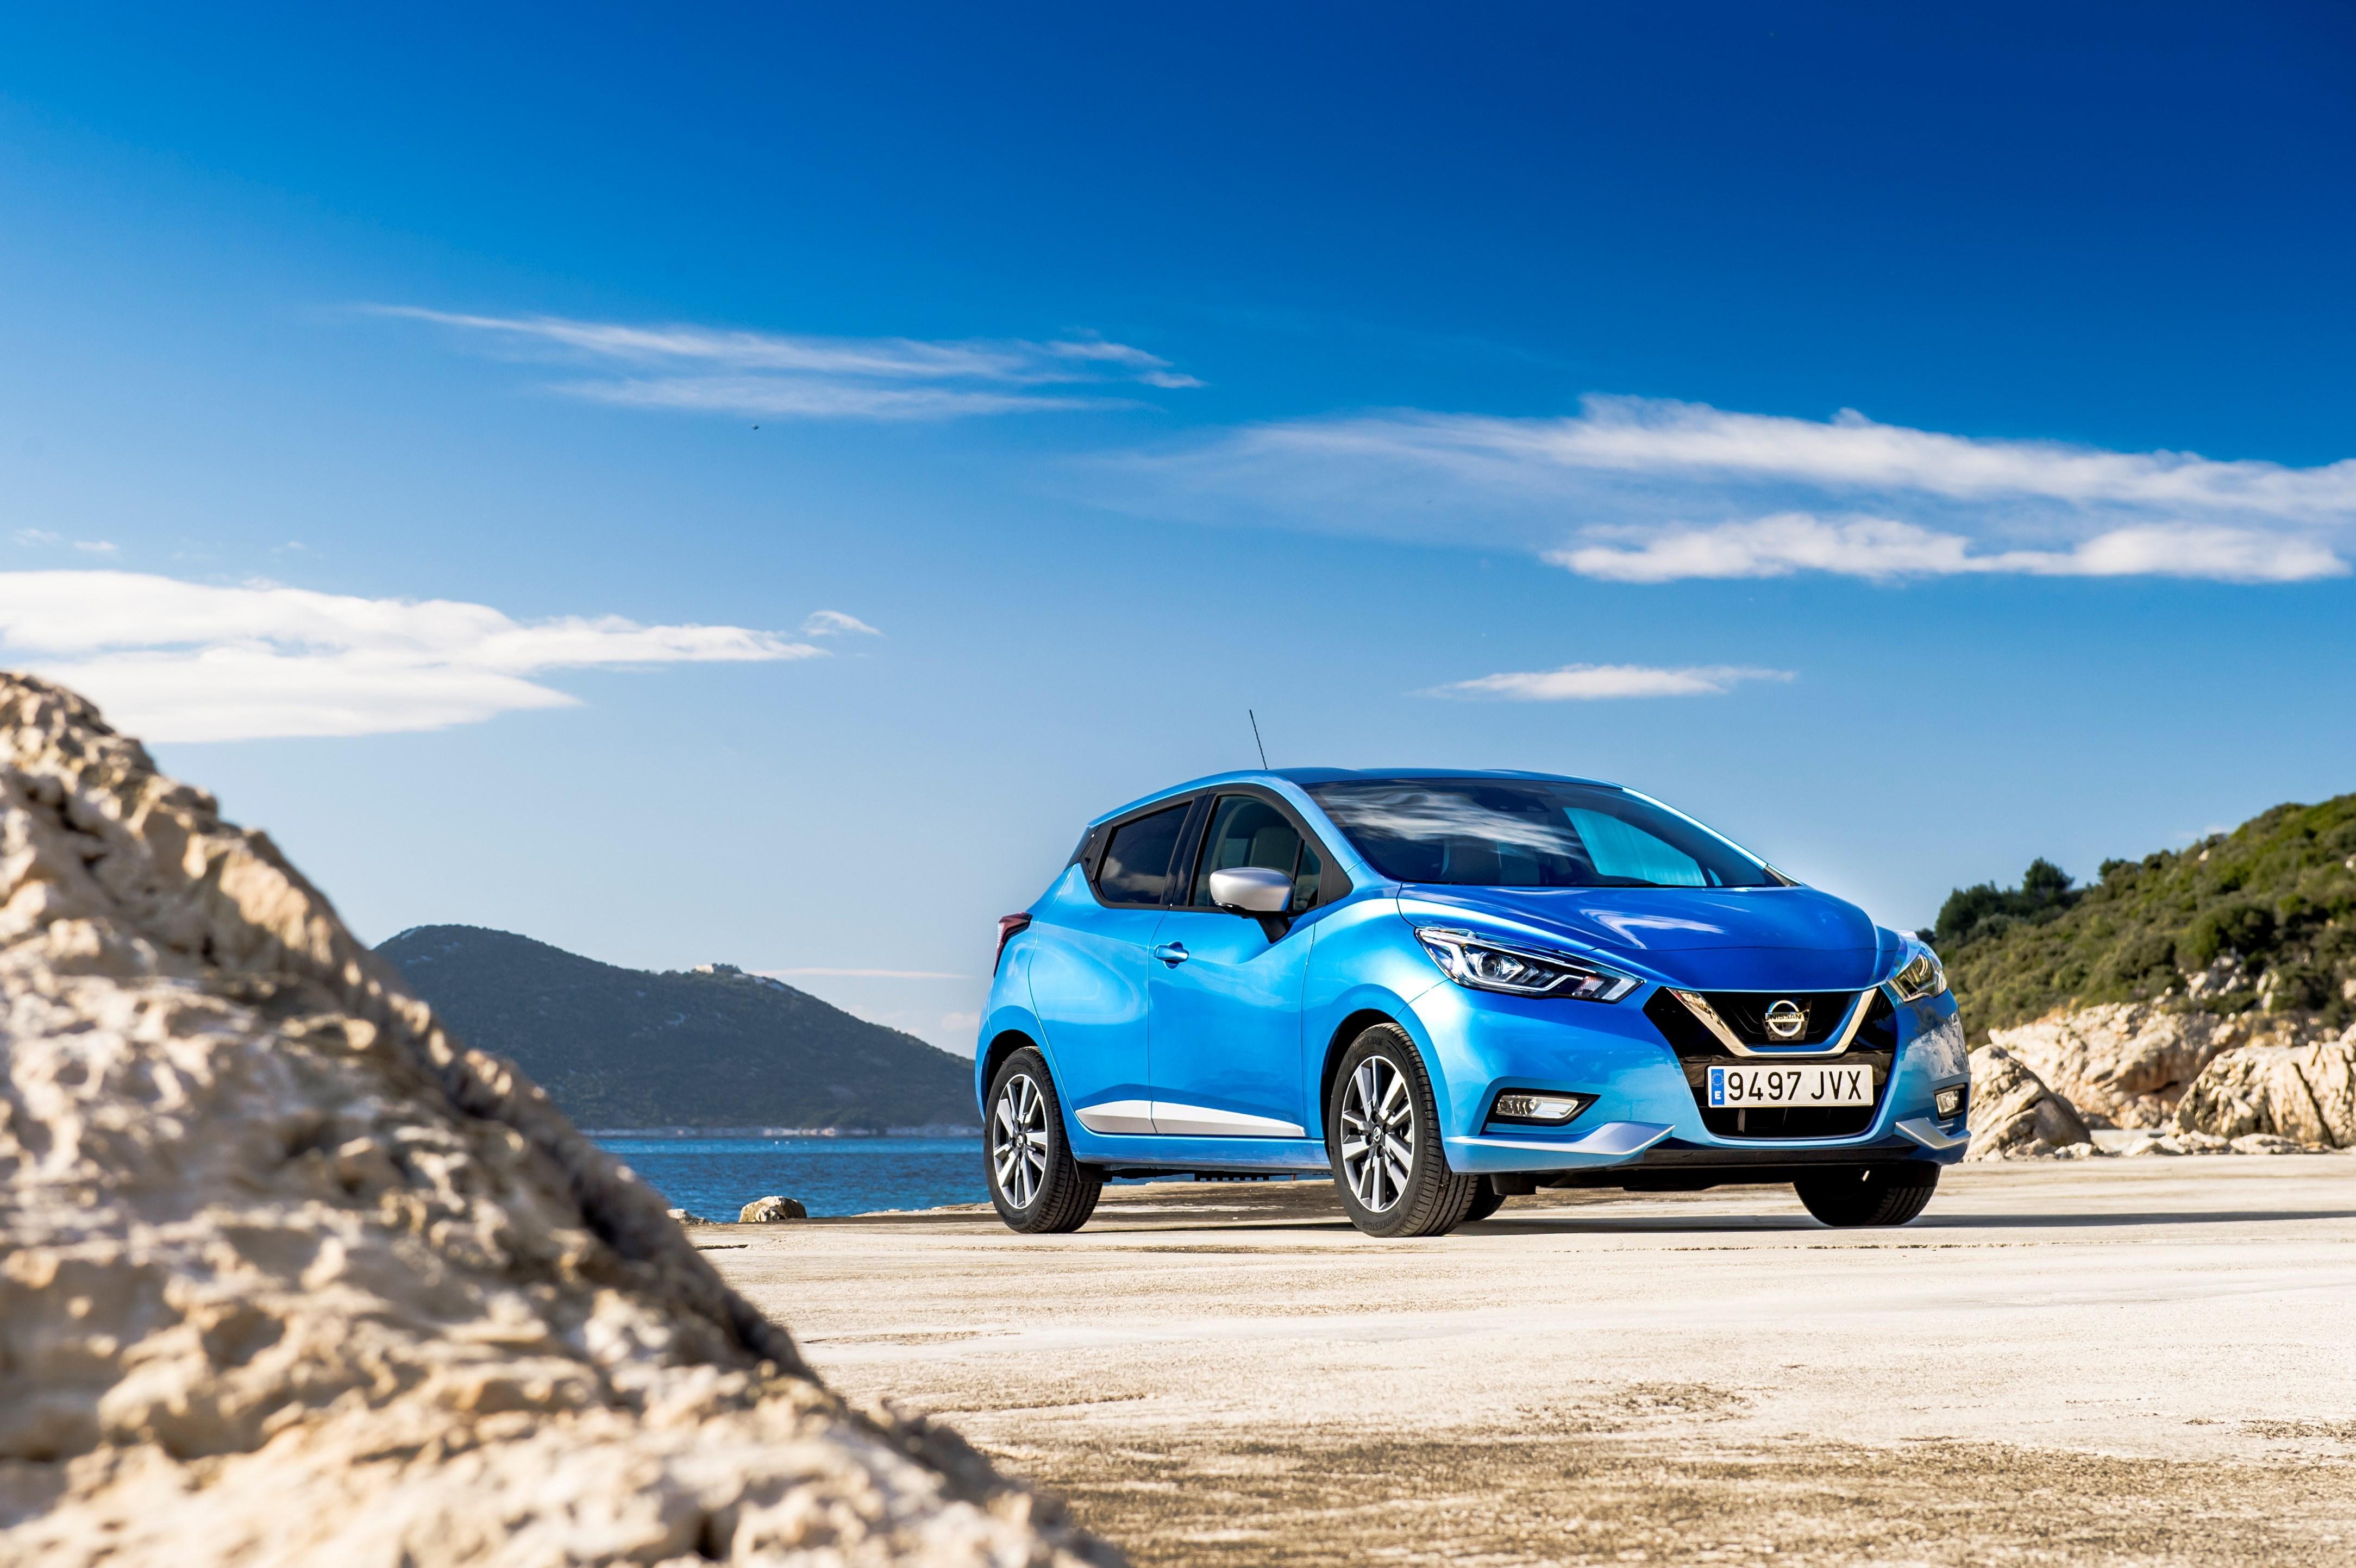 Nissan divulga resultados no seu ano fiscal de 2017